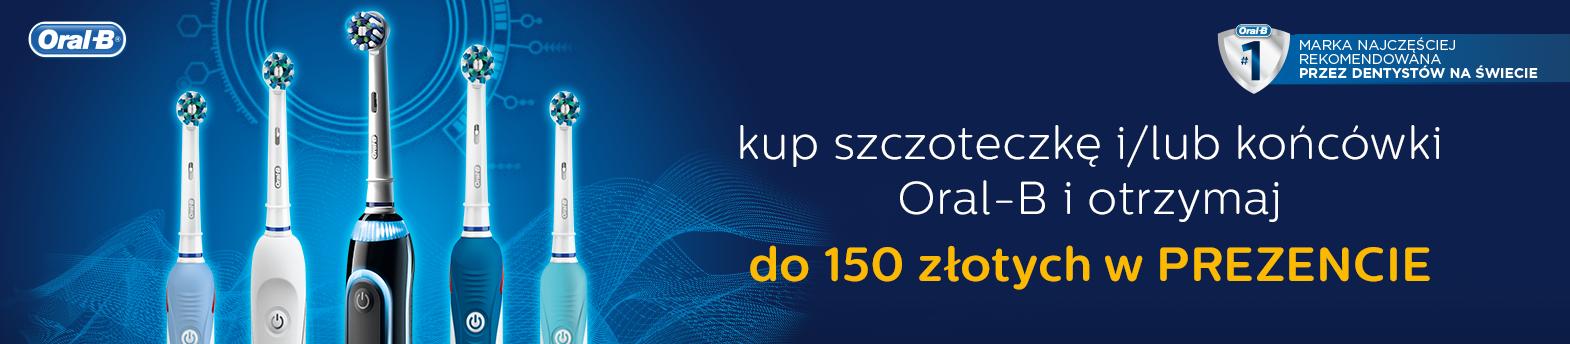 Oral-B - odbierz 150 zł